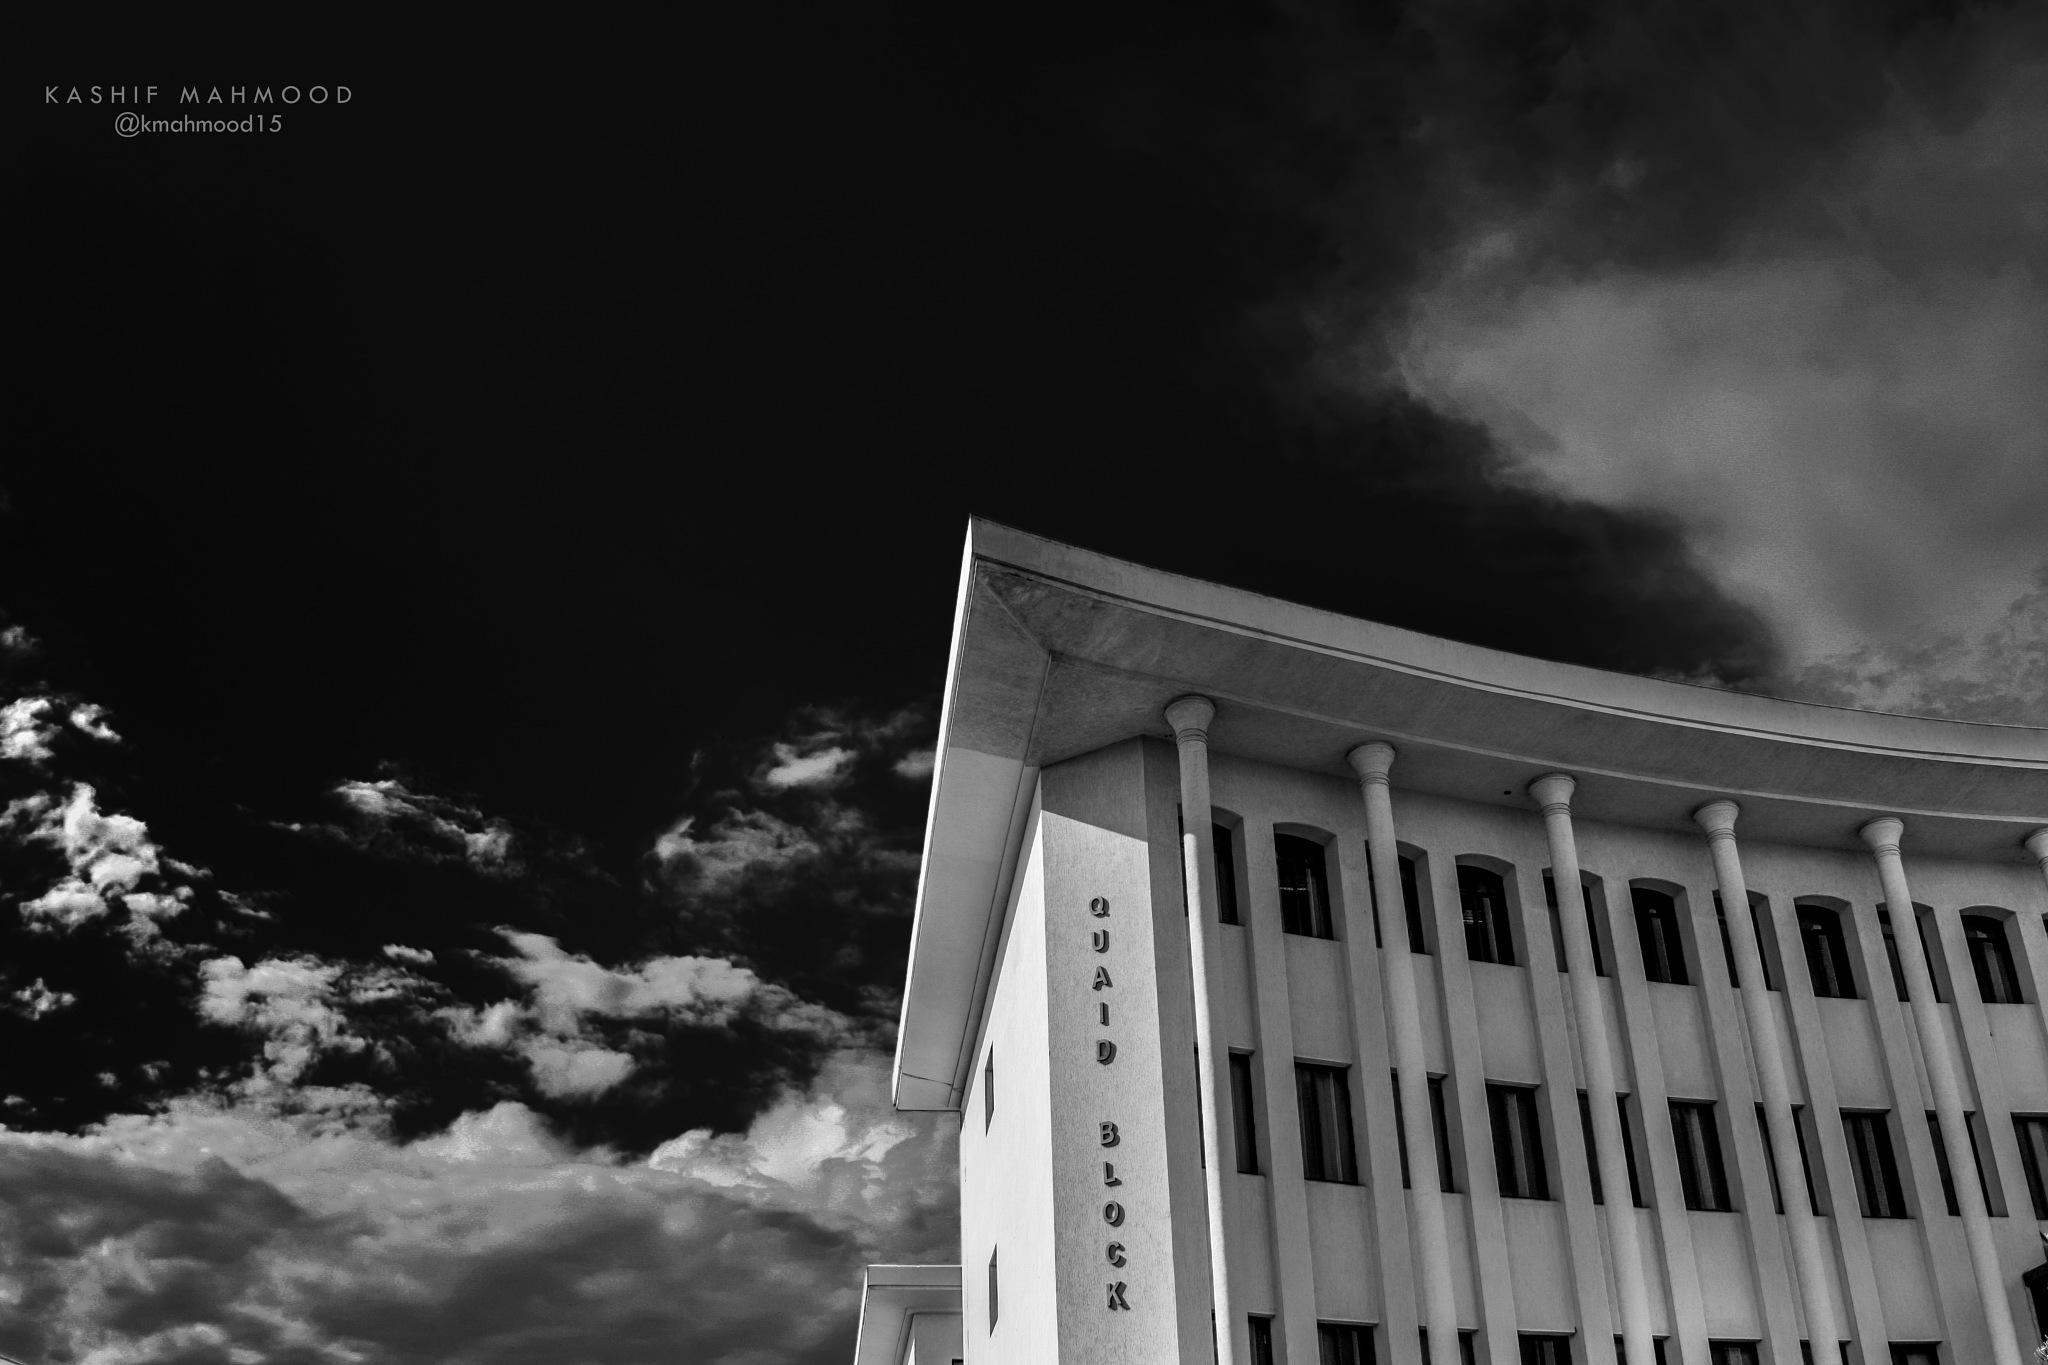 Bahria University  by Kashif Mahmood